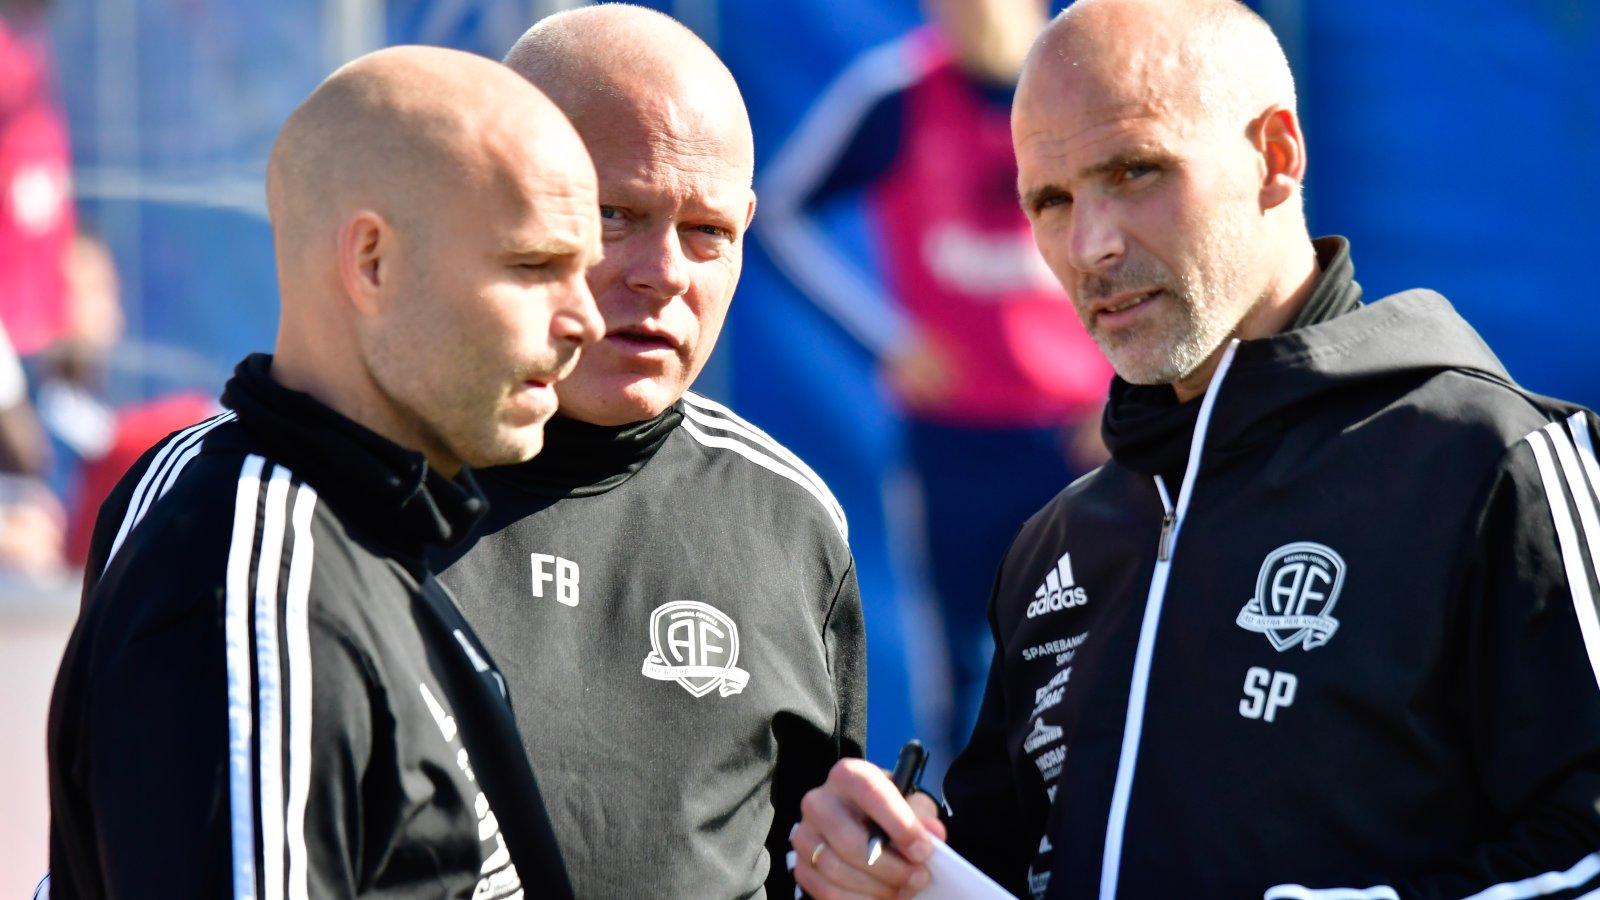 Roger Risholt, Frank Bredal og Steinar Pedersen var enige om taktiske justeringer og slagplanen for å slå Moss. De fikk alle svarene de kunne ønske seg fra spillerne.